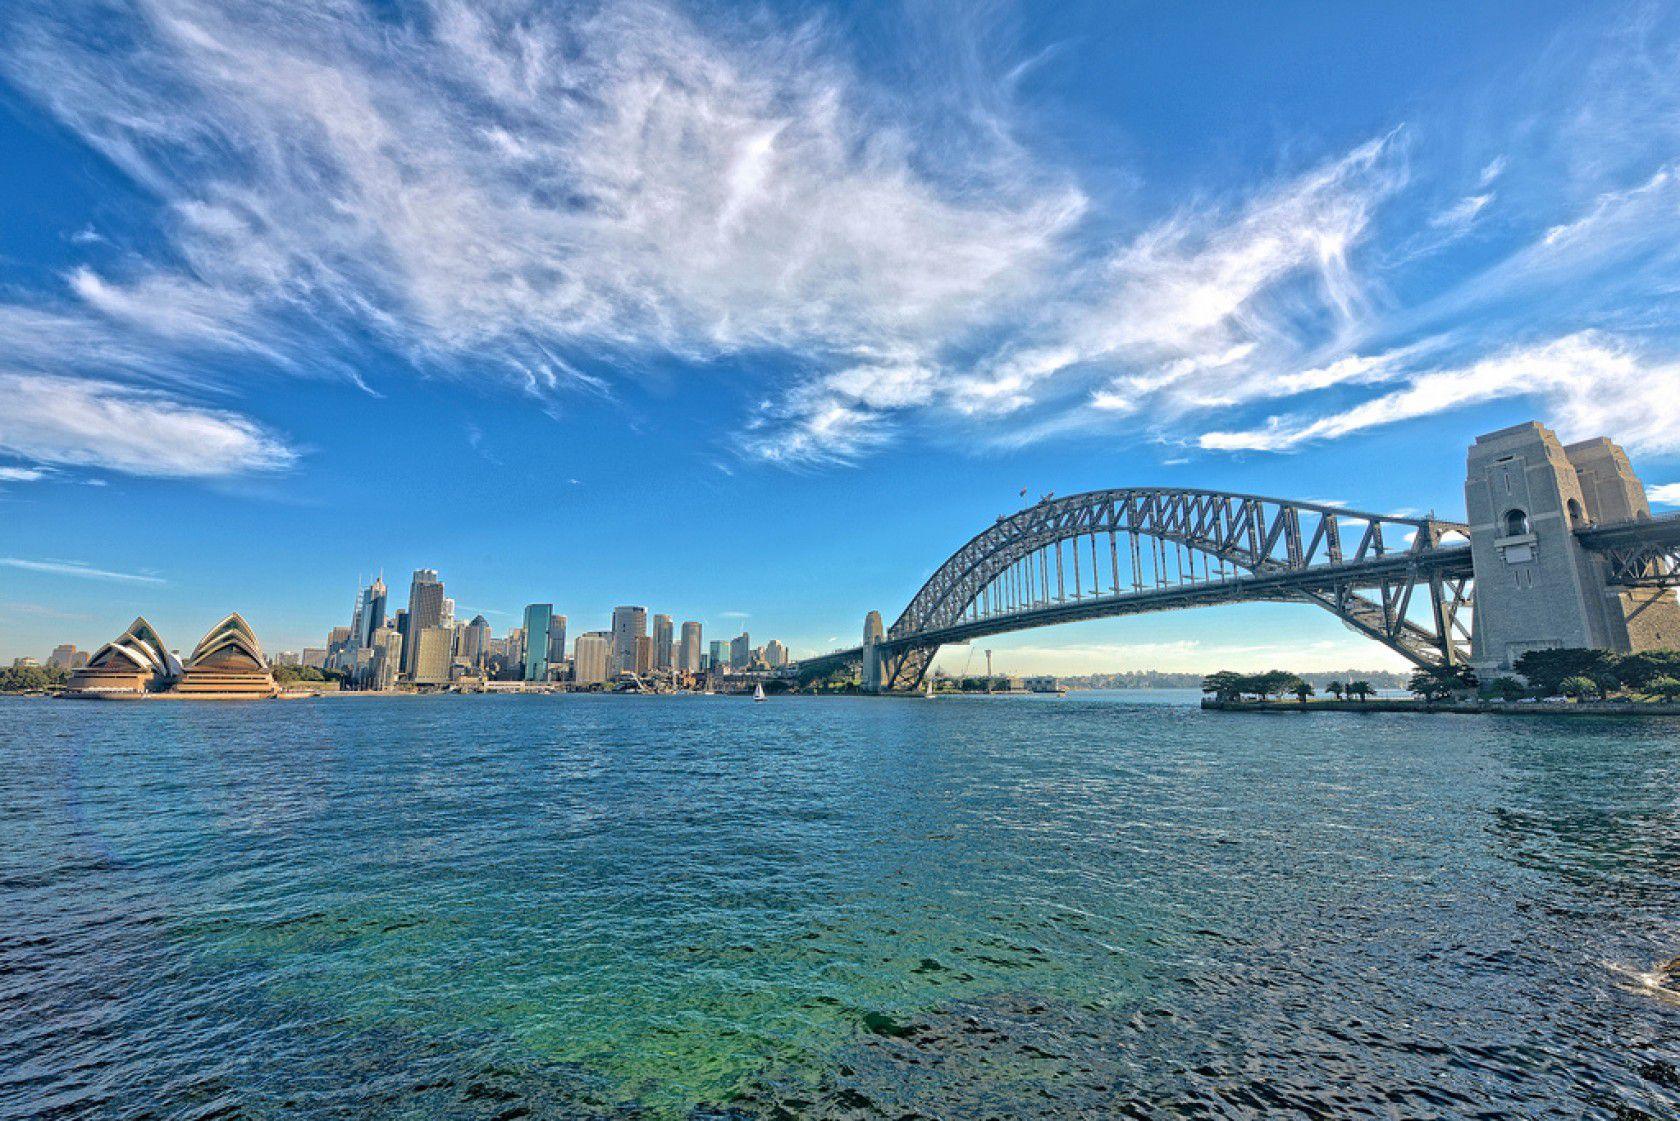 Avustraya'da Kolej Eğitimi Almak İsteyenlerin En Önemli Sınavı: SSAT Sınavı